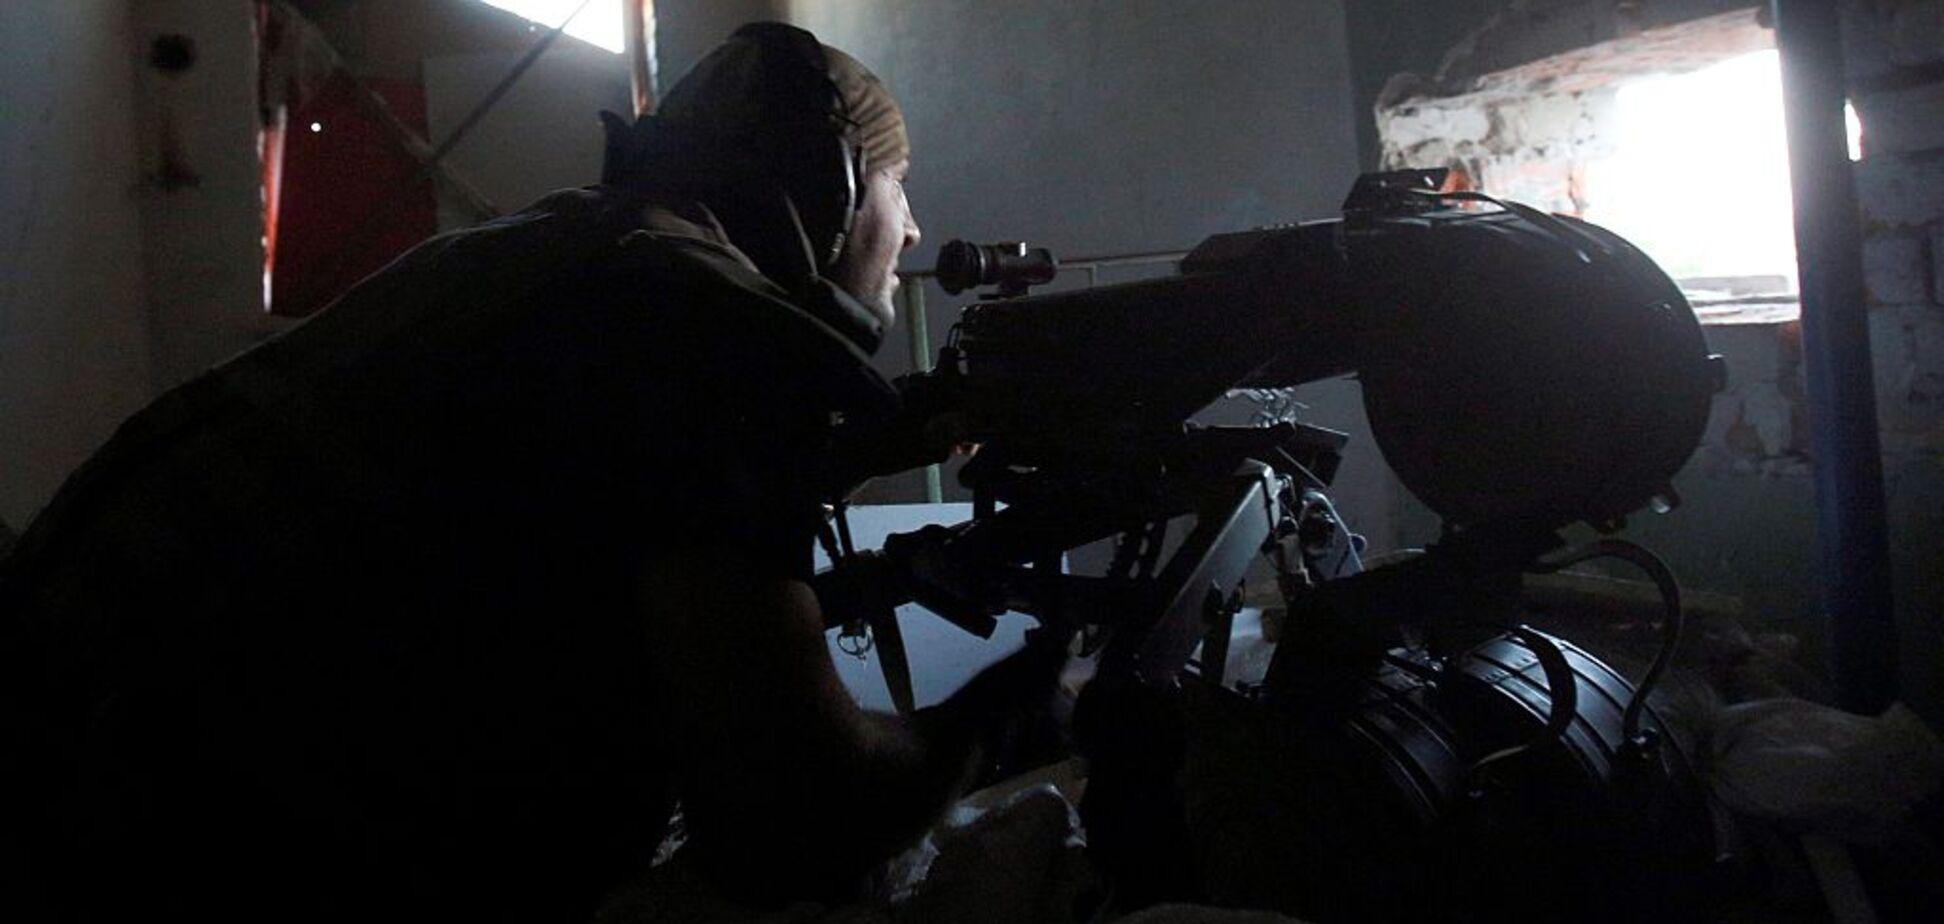 Незважаючи на перемир'я: штаб АТО назвав нову гарячу точку на Донбасі